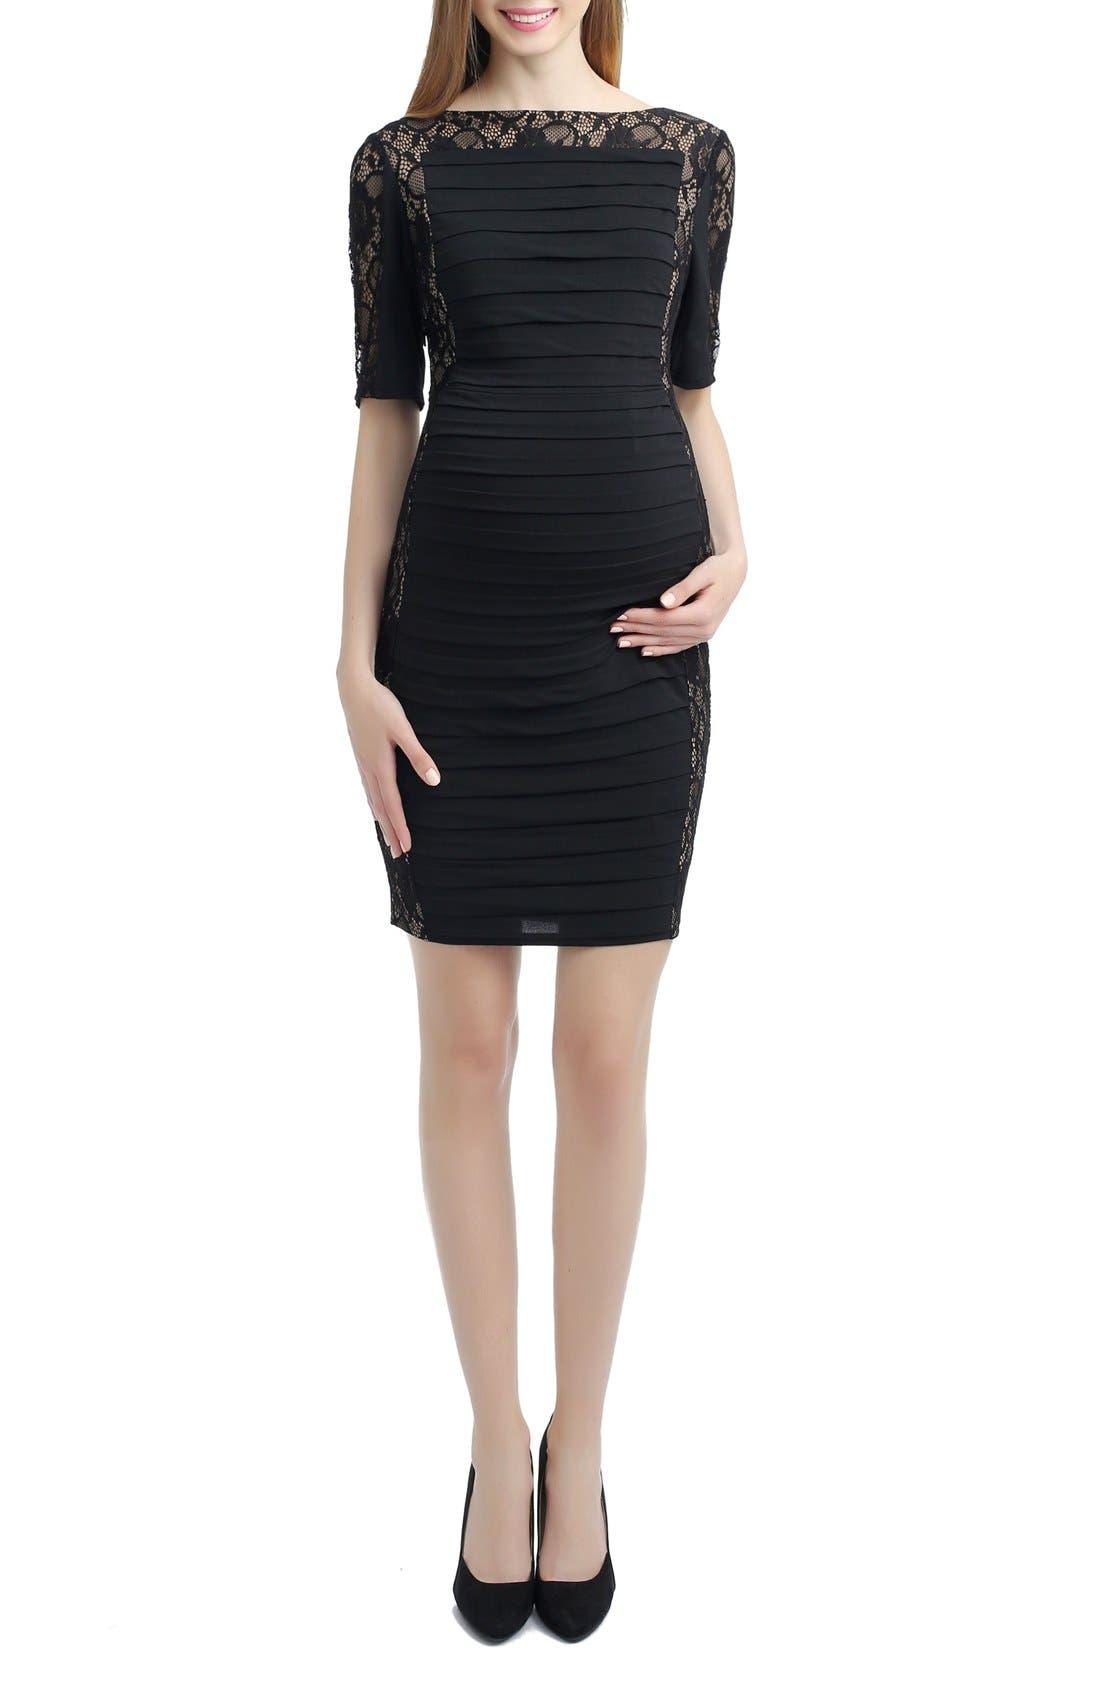 Estelle Lace Maternity Dress,                         Main,                         color,